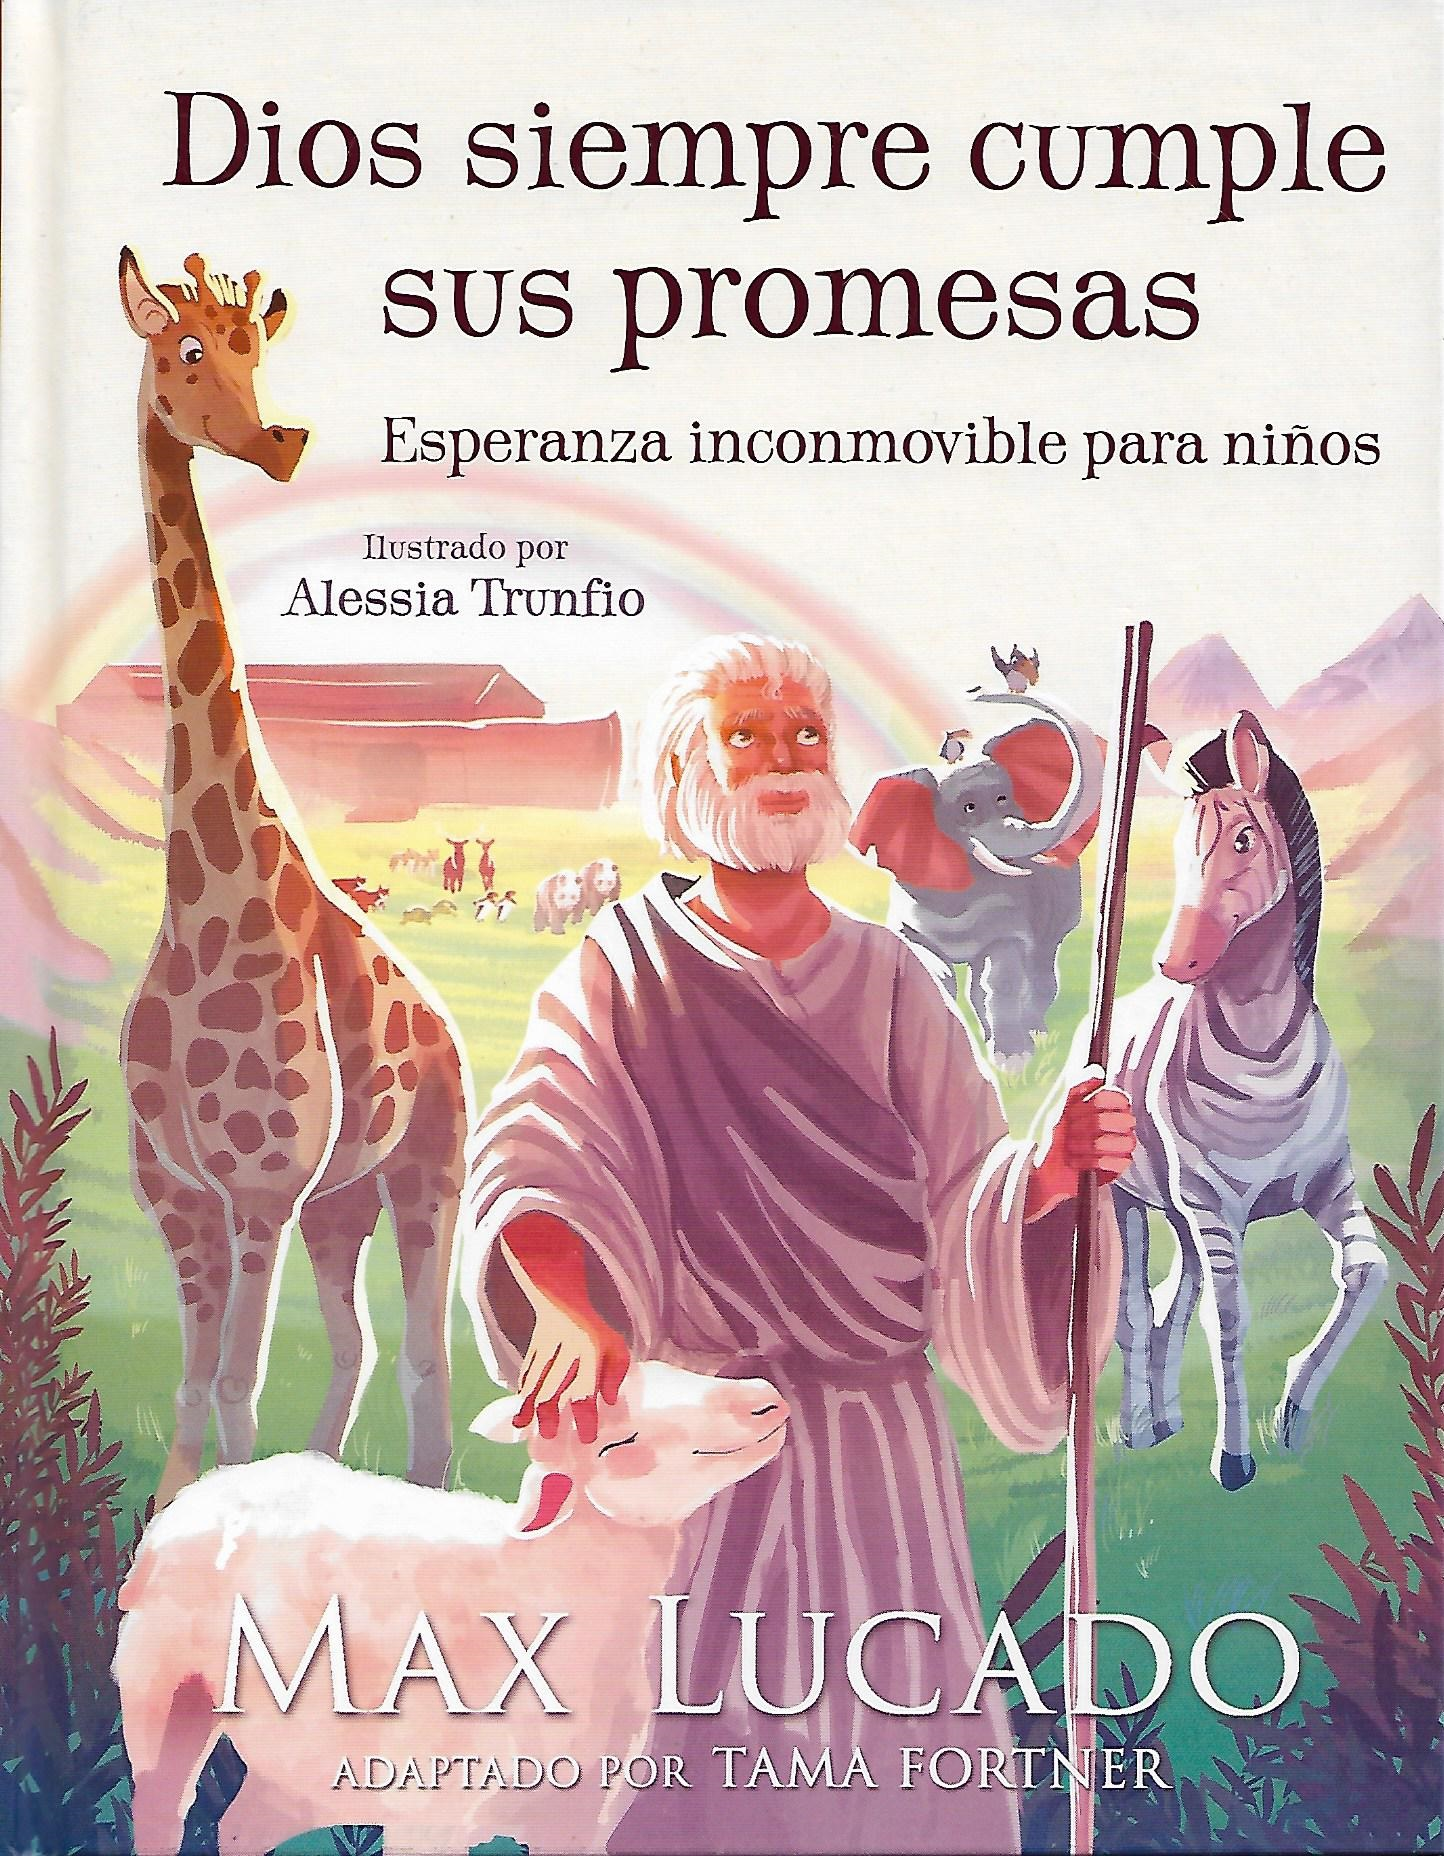 Dios siempre cumple sus promesas